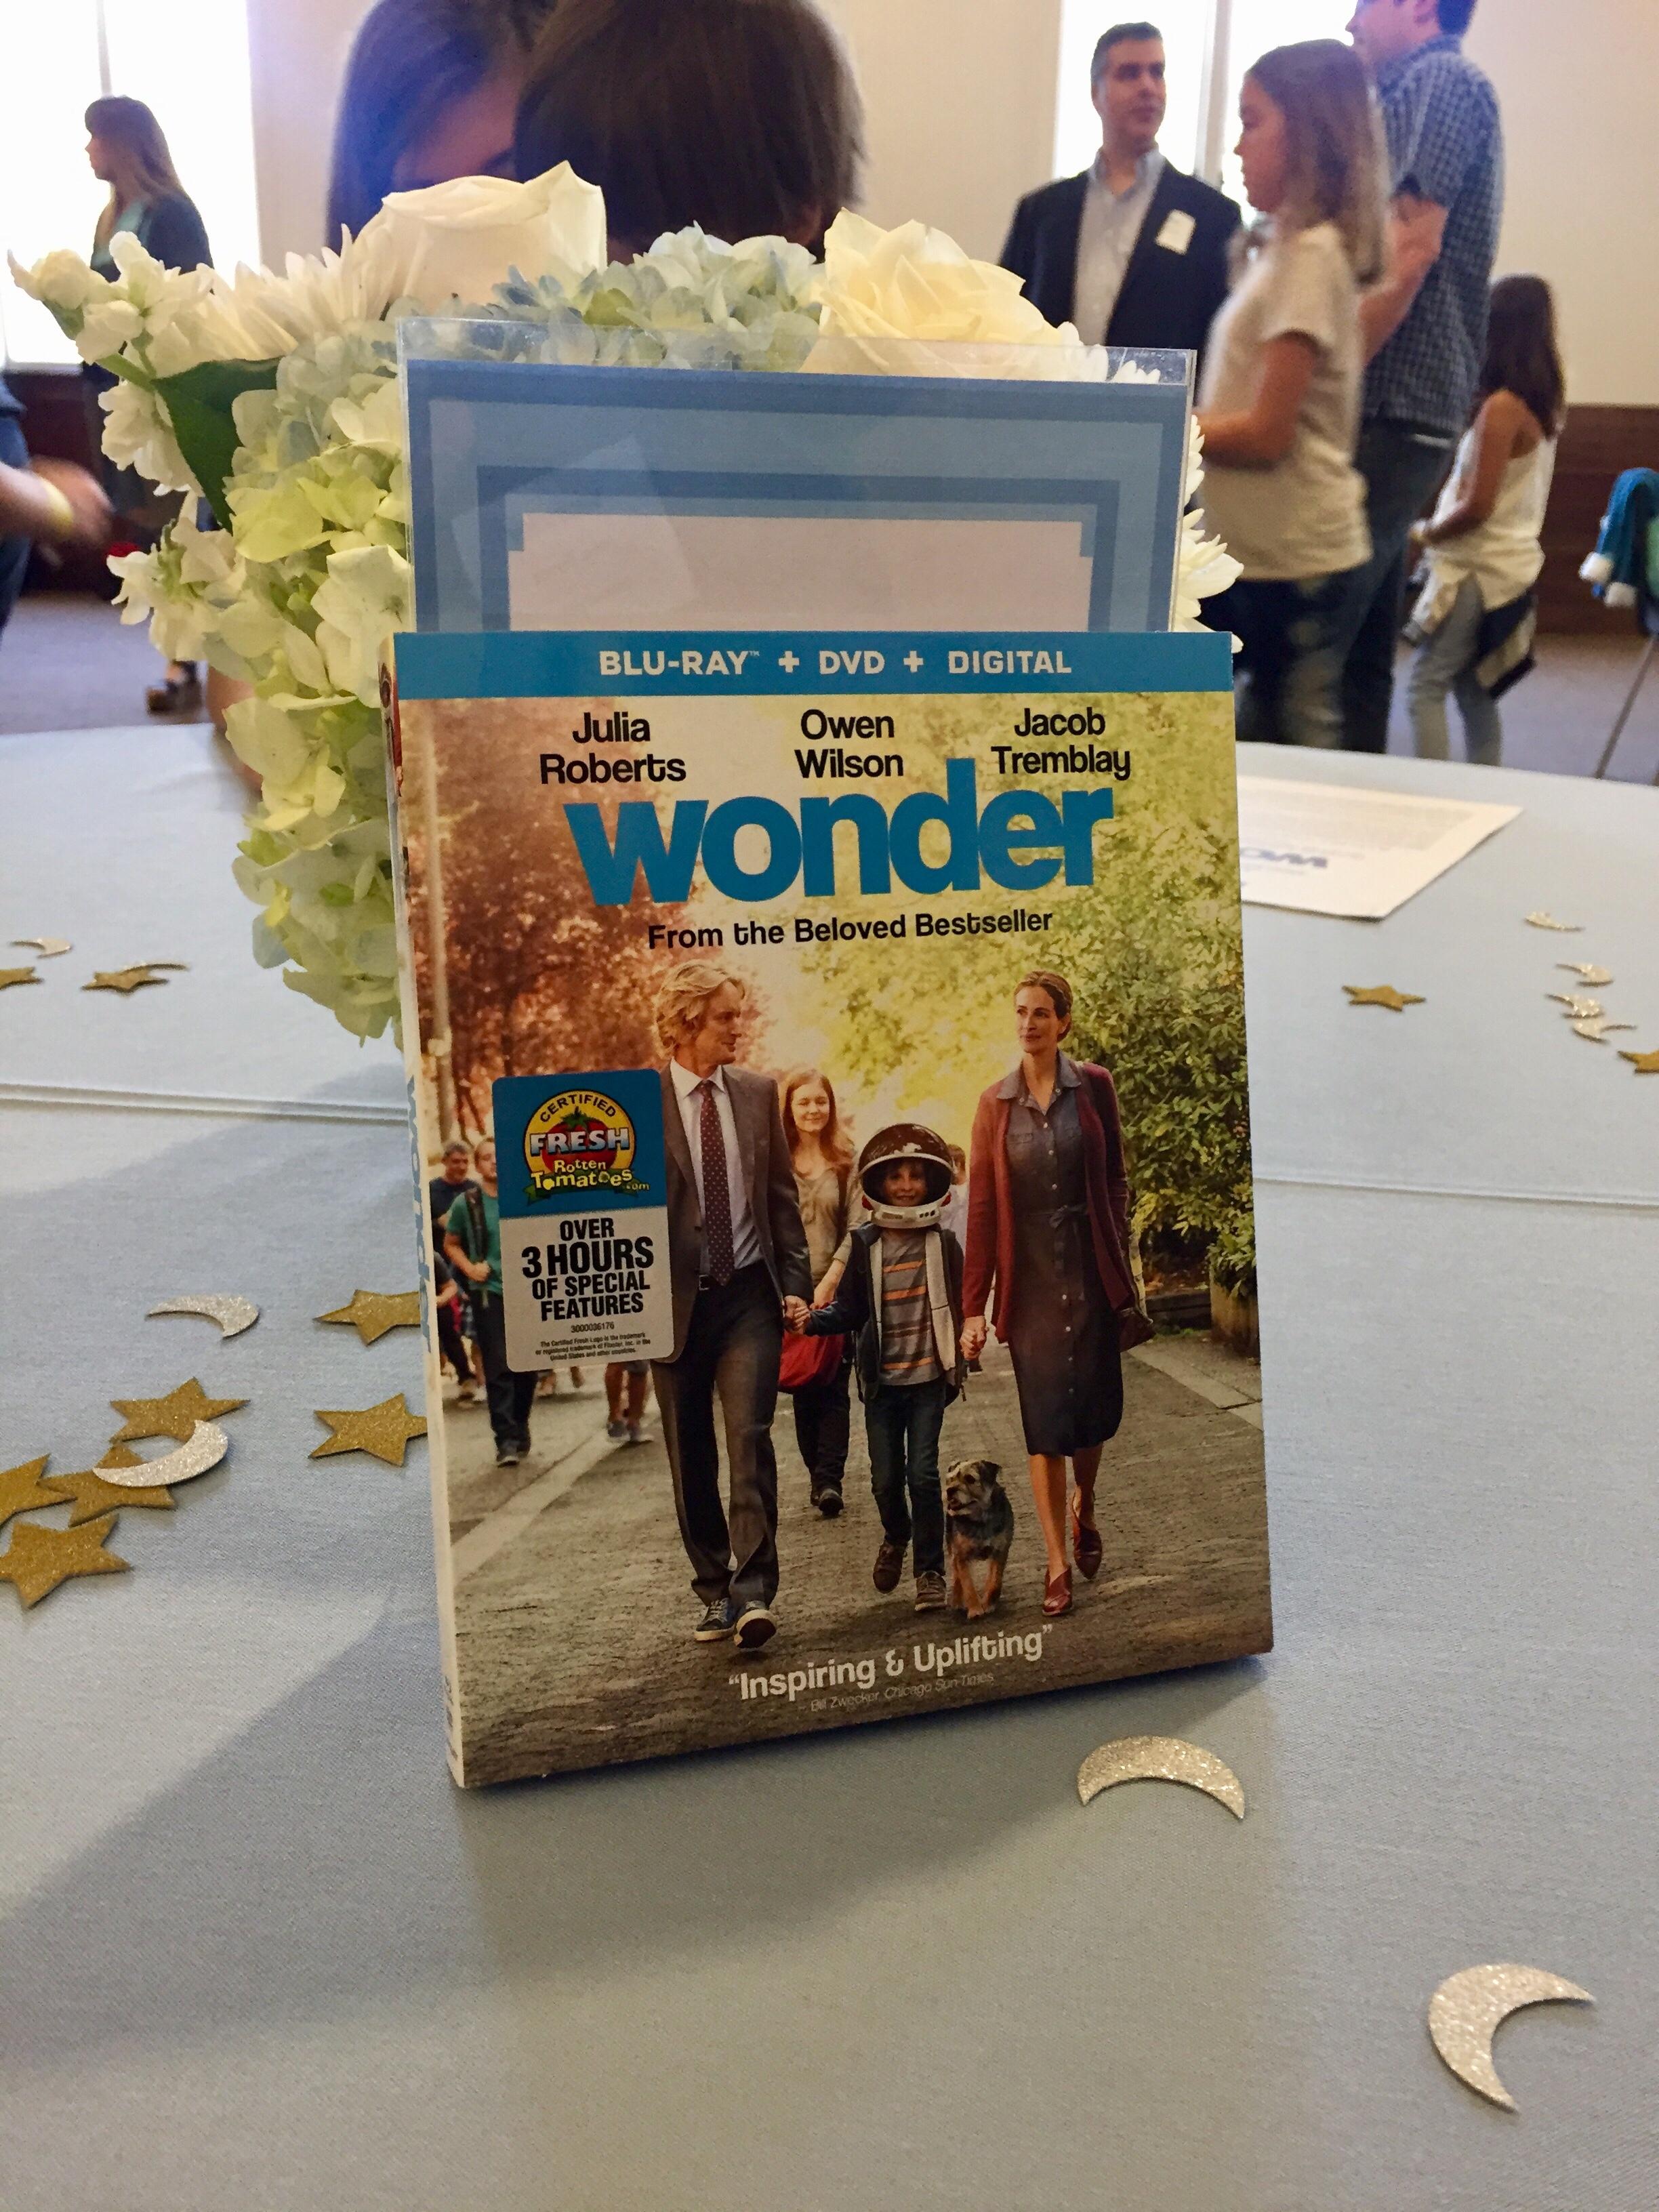 Un día de actividades con Wonder